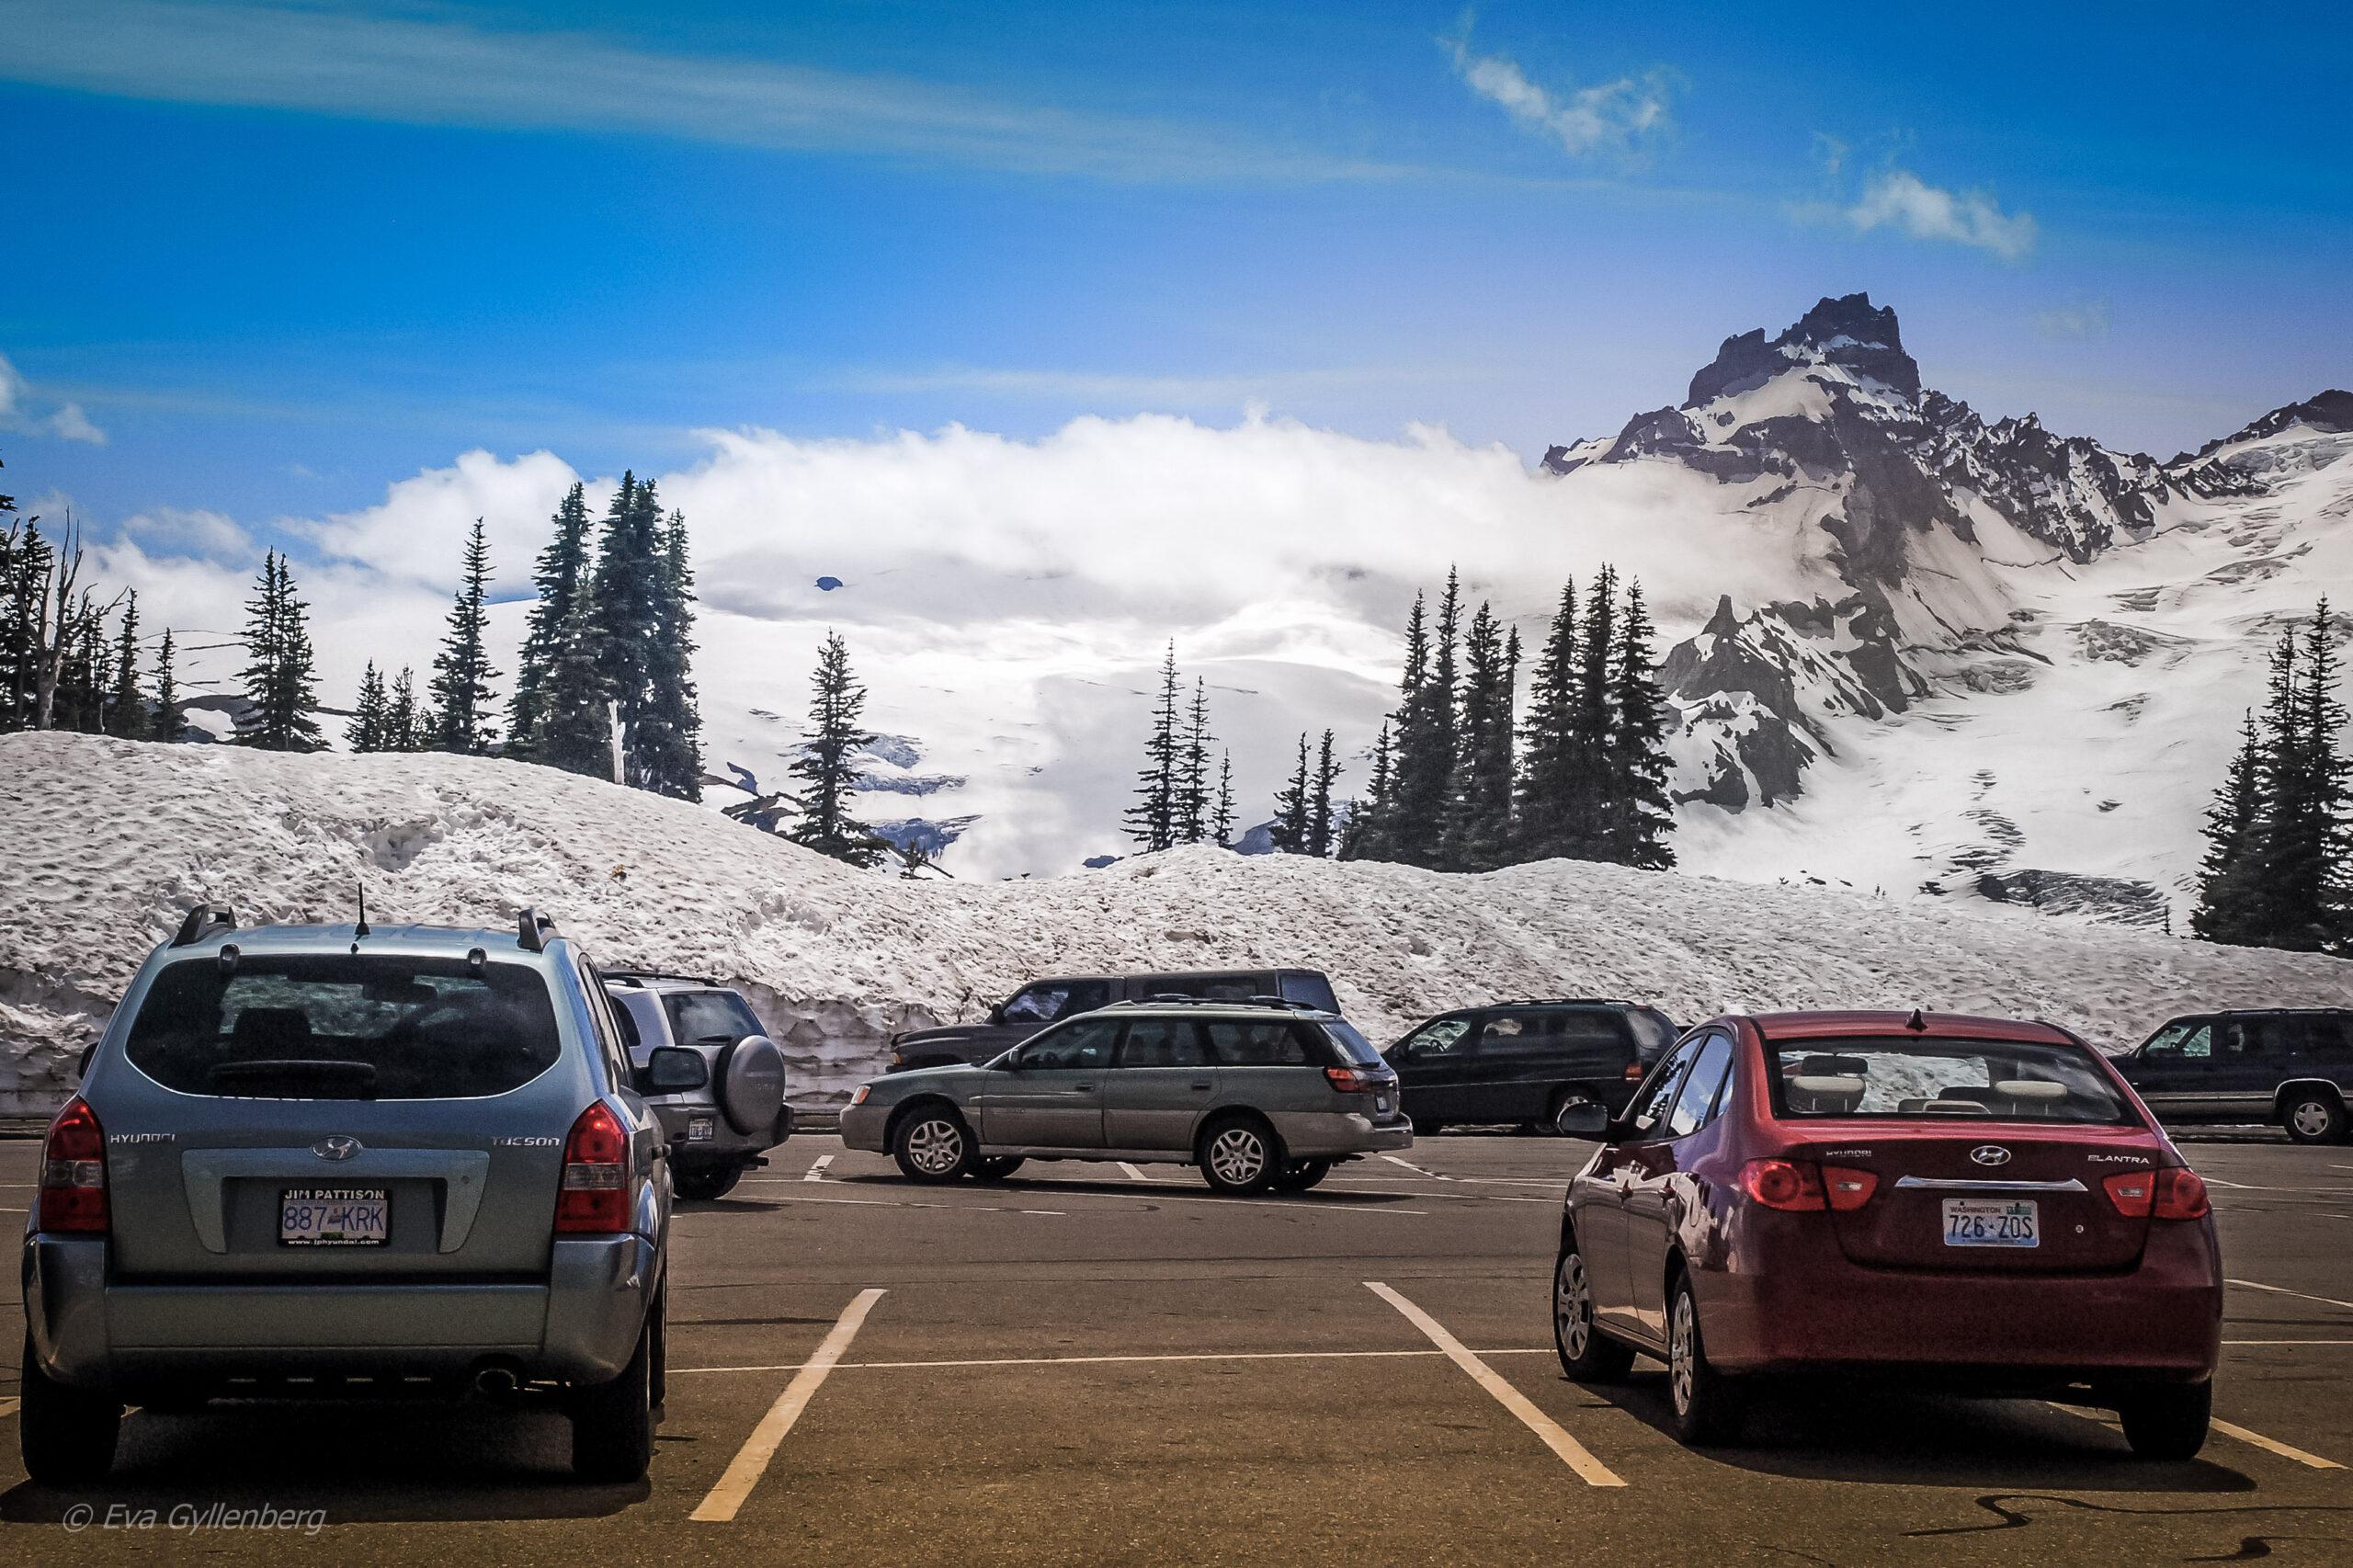 Mount Rainier National Park: Glaciärer och sommarsnö 10